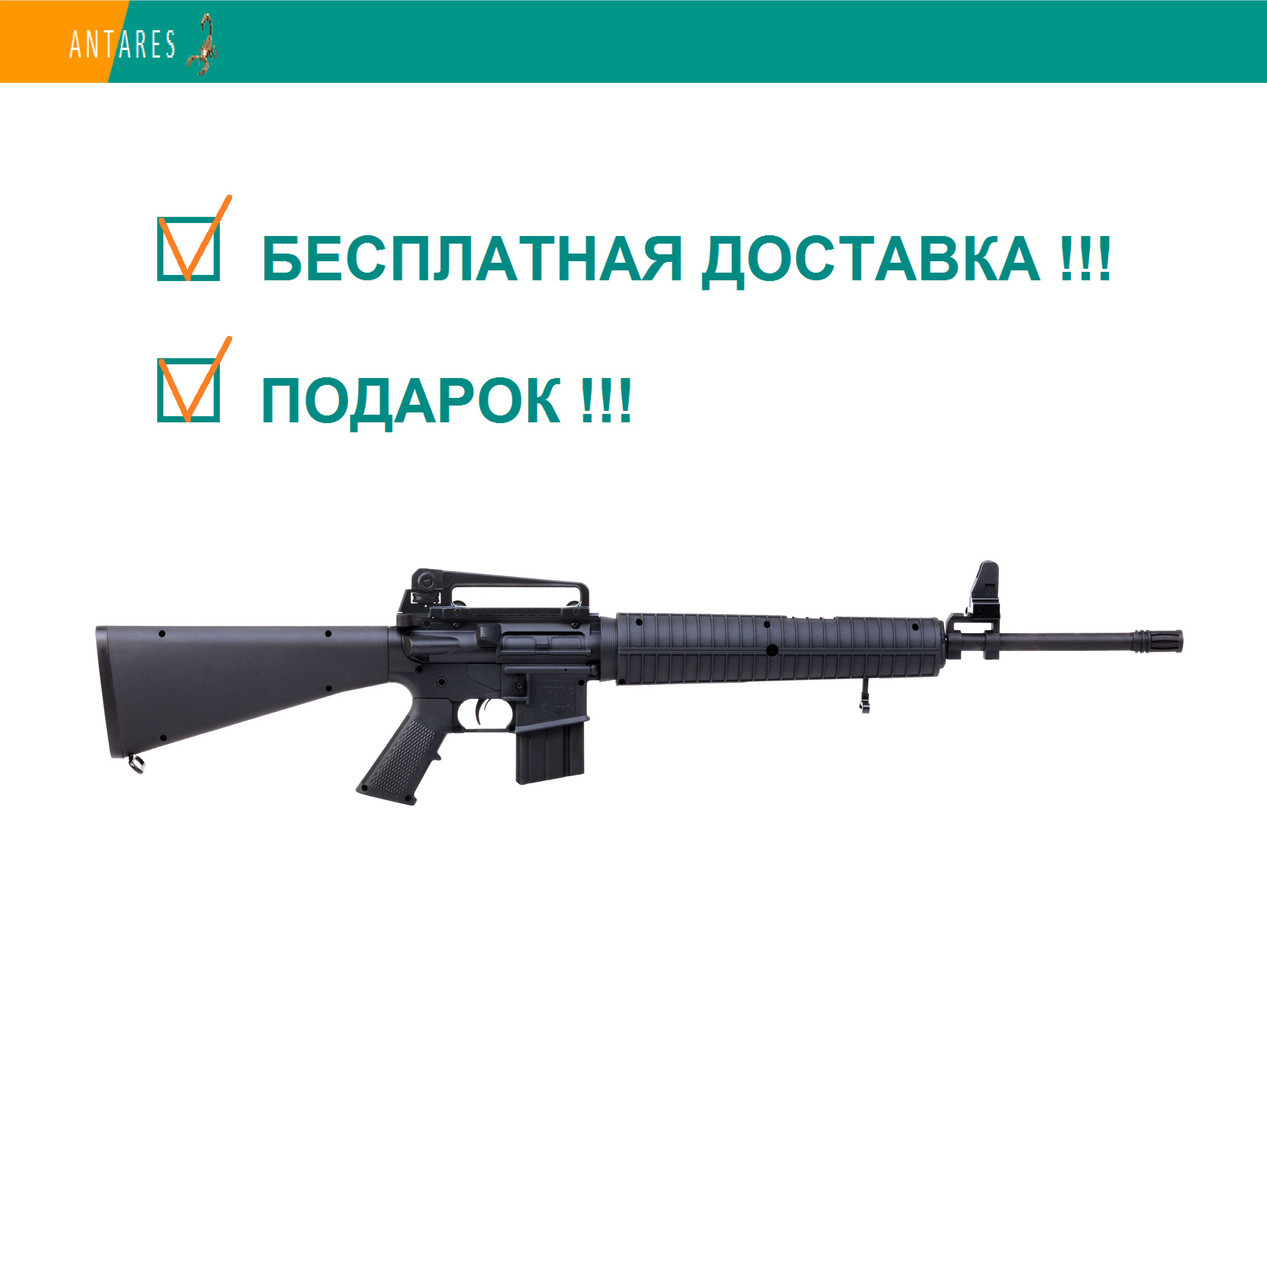 Пневматическая винтовка Crosman MTR 77 NP (копия M16) MTR77NPC газовая пружина перелом ствола 305 м/с